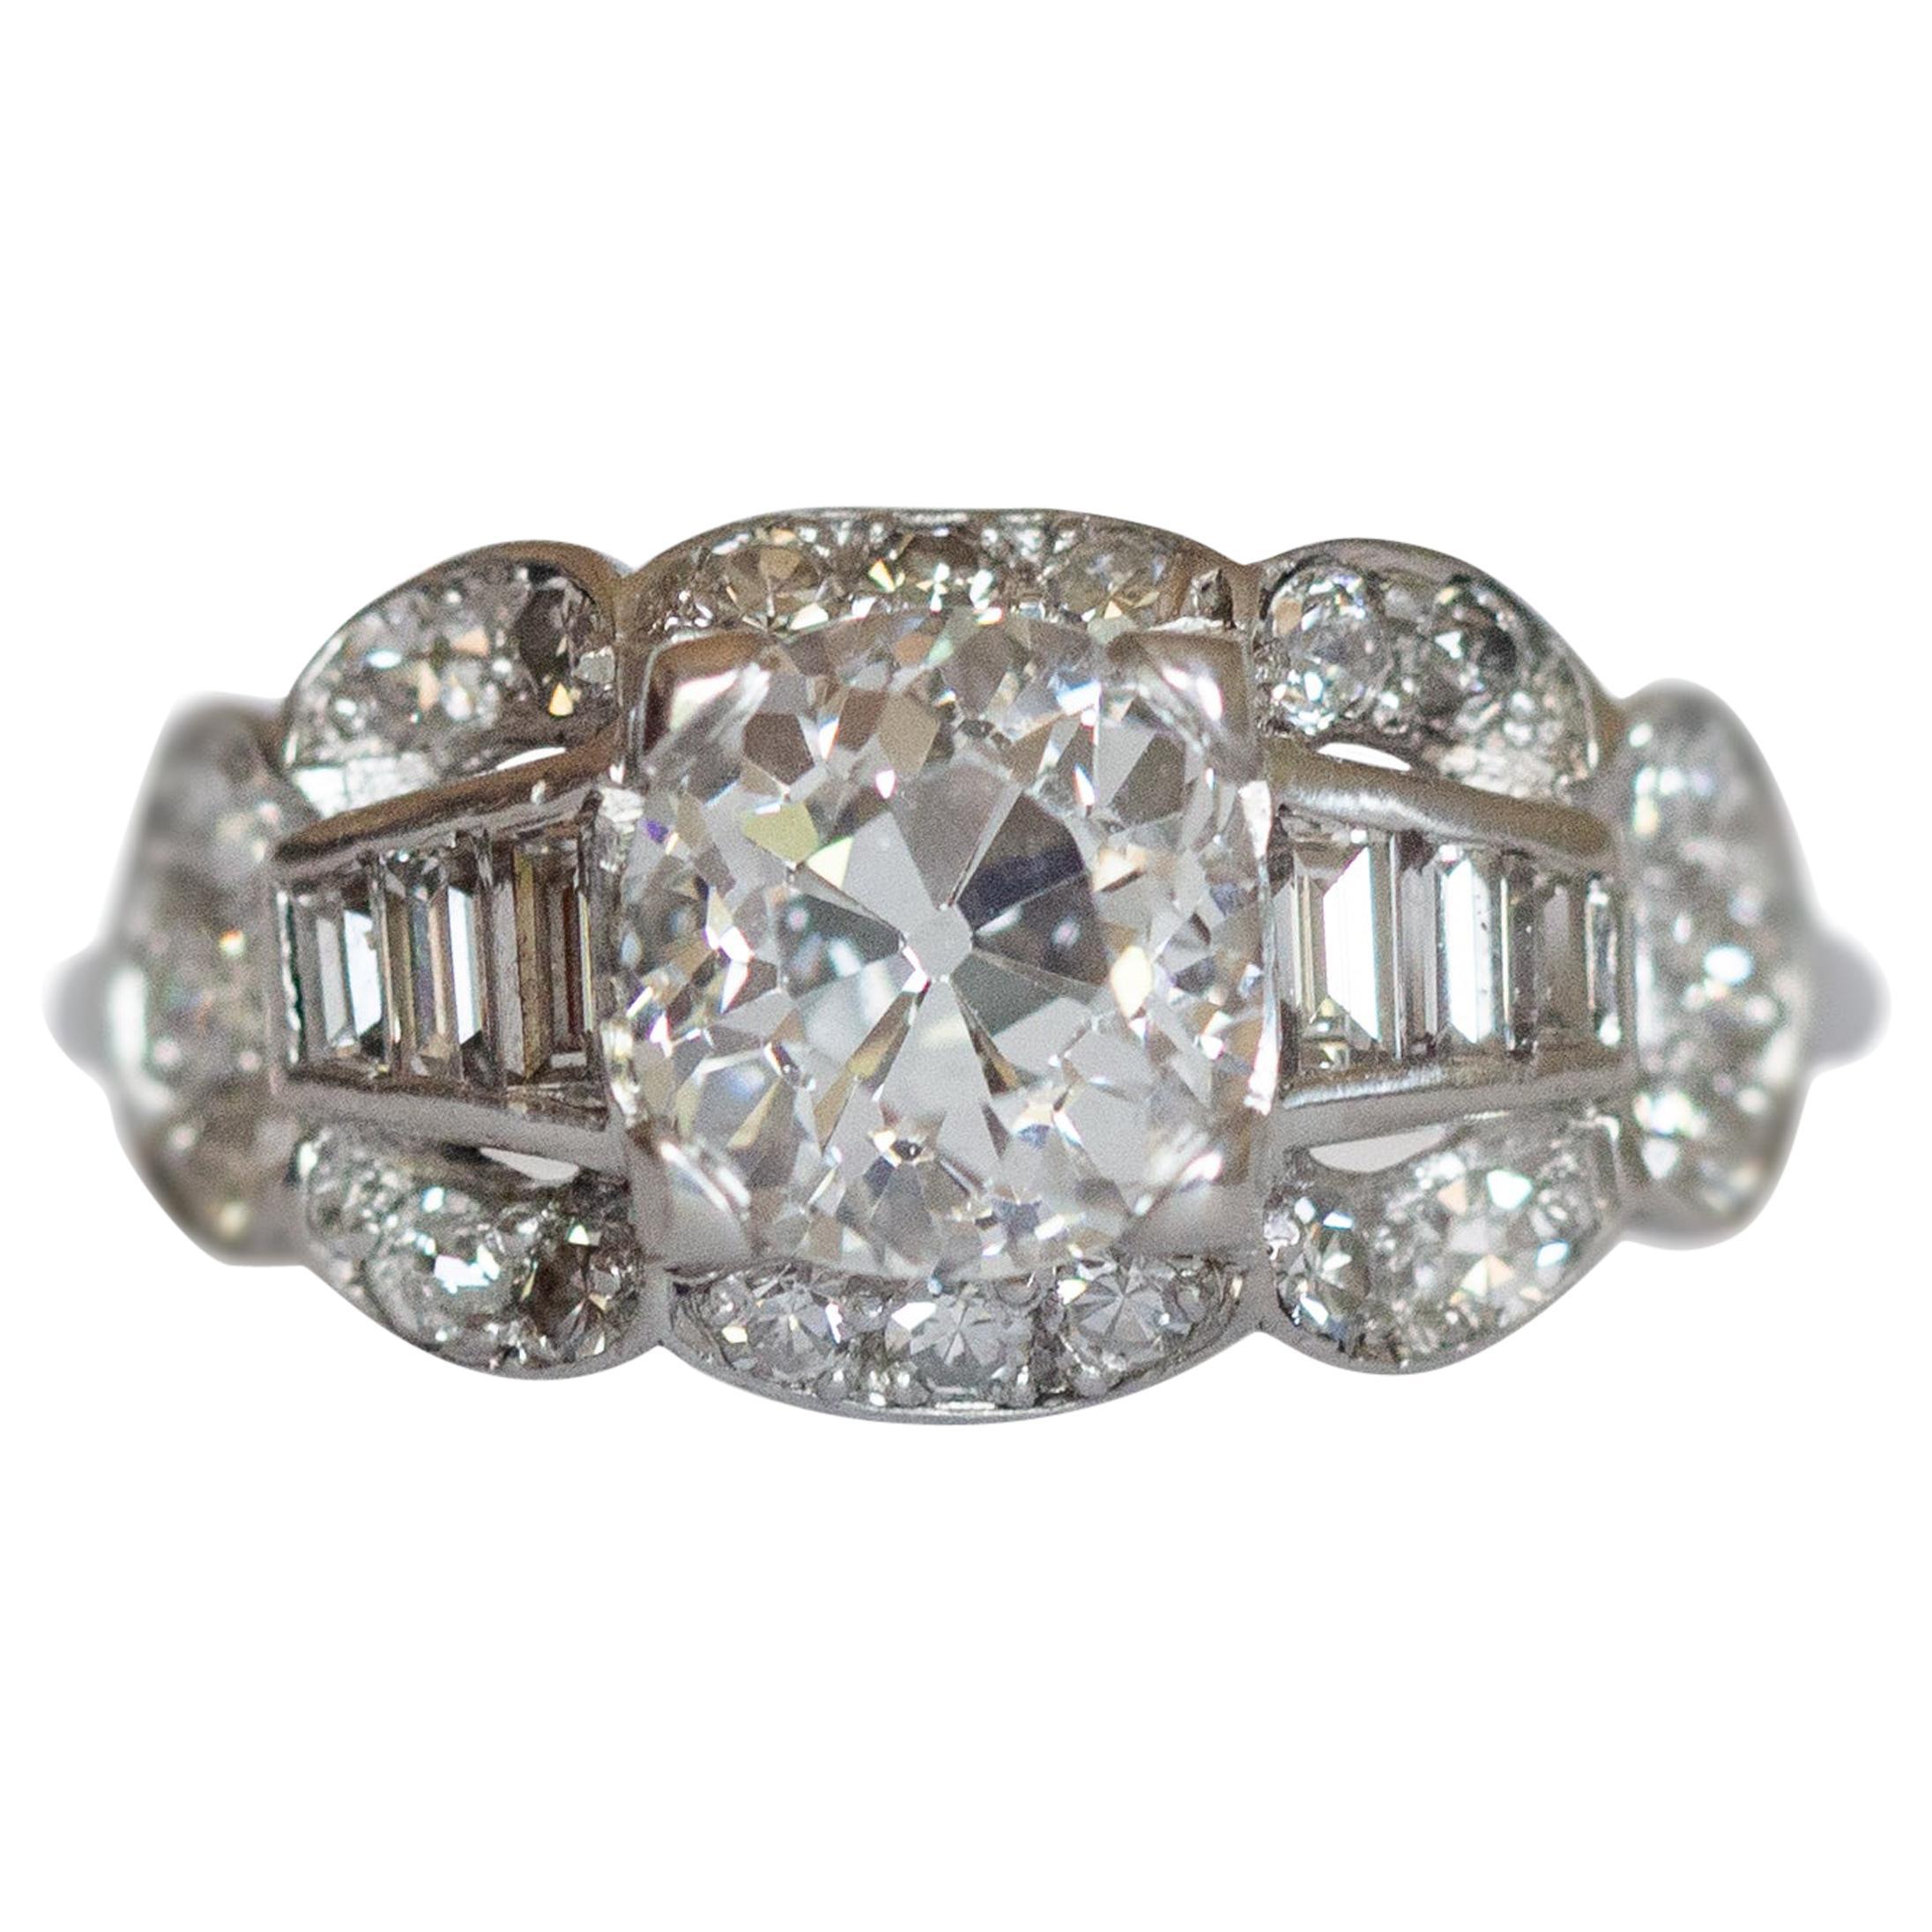 GIA Certified 1.39 Carat Diamond Platinum Engagement Ring